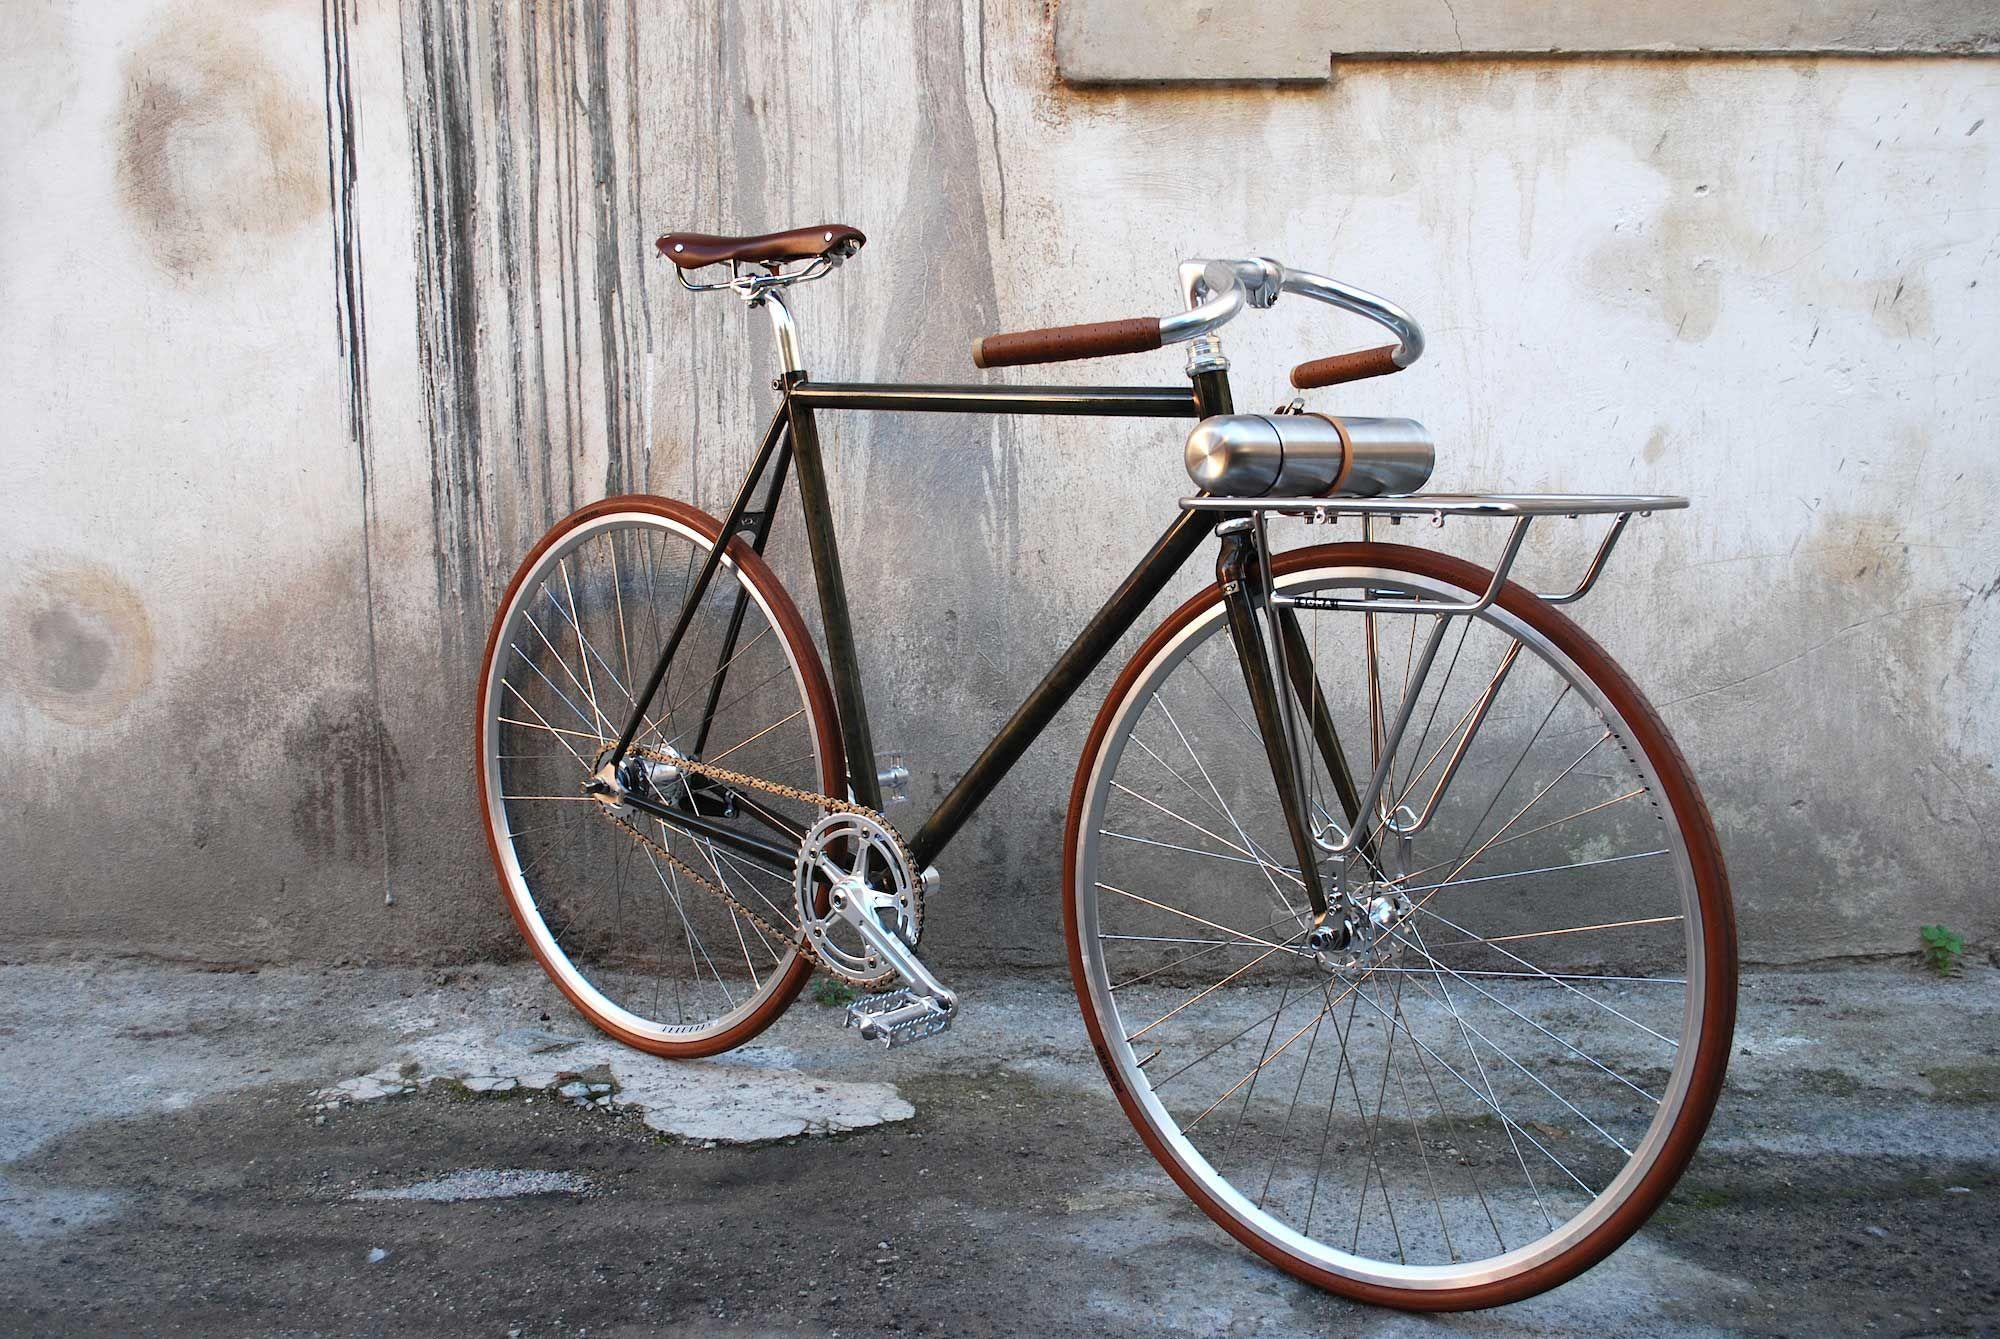 Картинки старых велосипедов